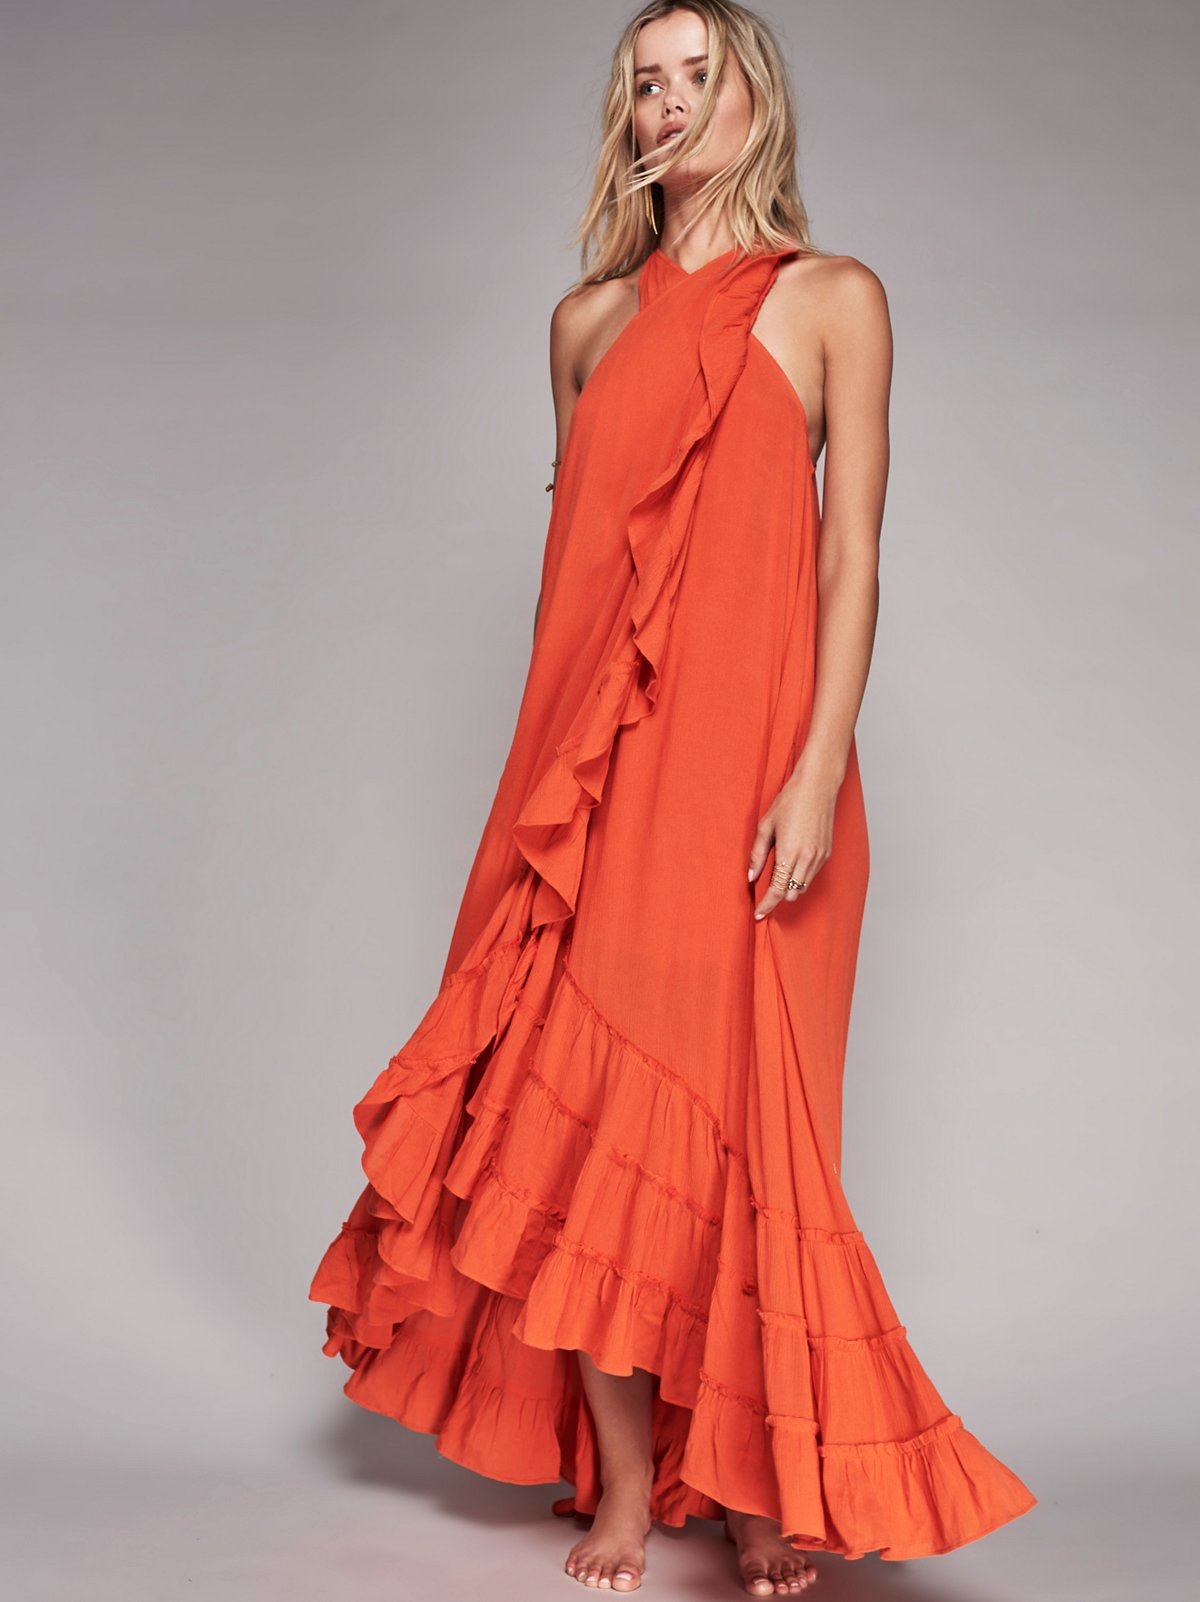 围裹式长连衣裙